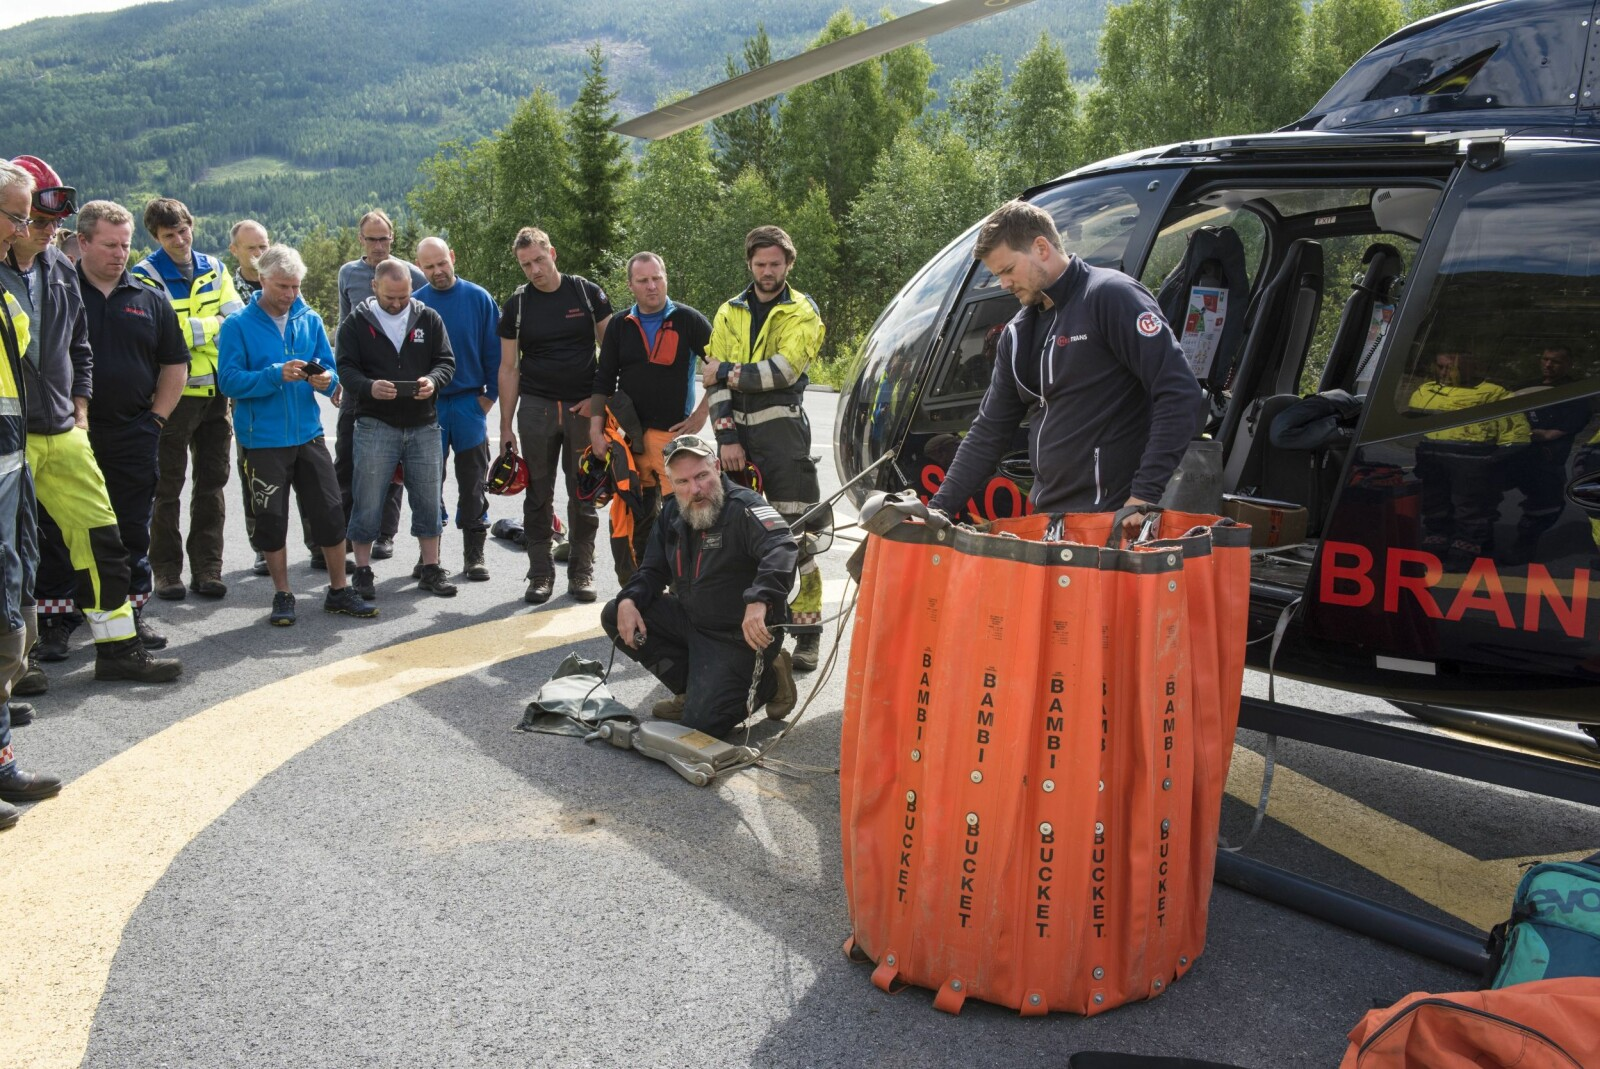 <b>SAMARBEID:</b> Pilot John-Arne Hellesø og lastemann Nils Martin Holden demonstrerer vannbøtta for brannfolk i Hallingdal.